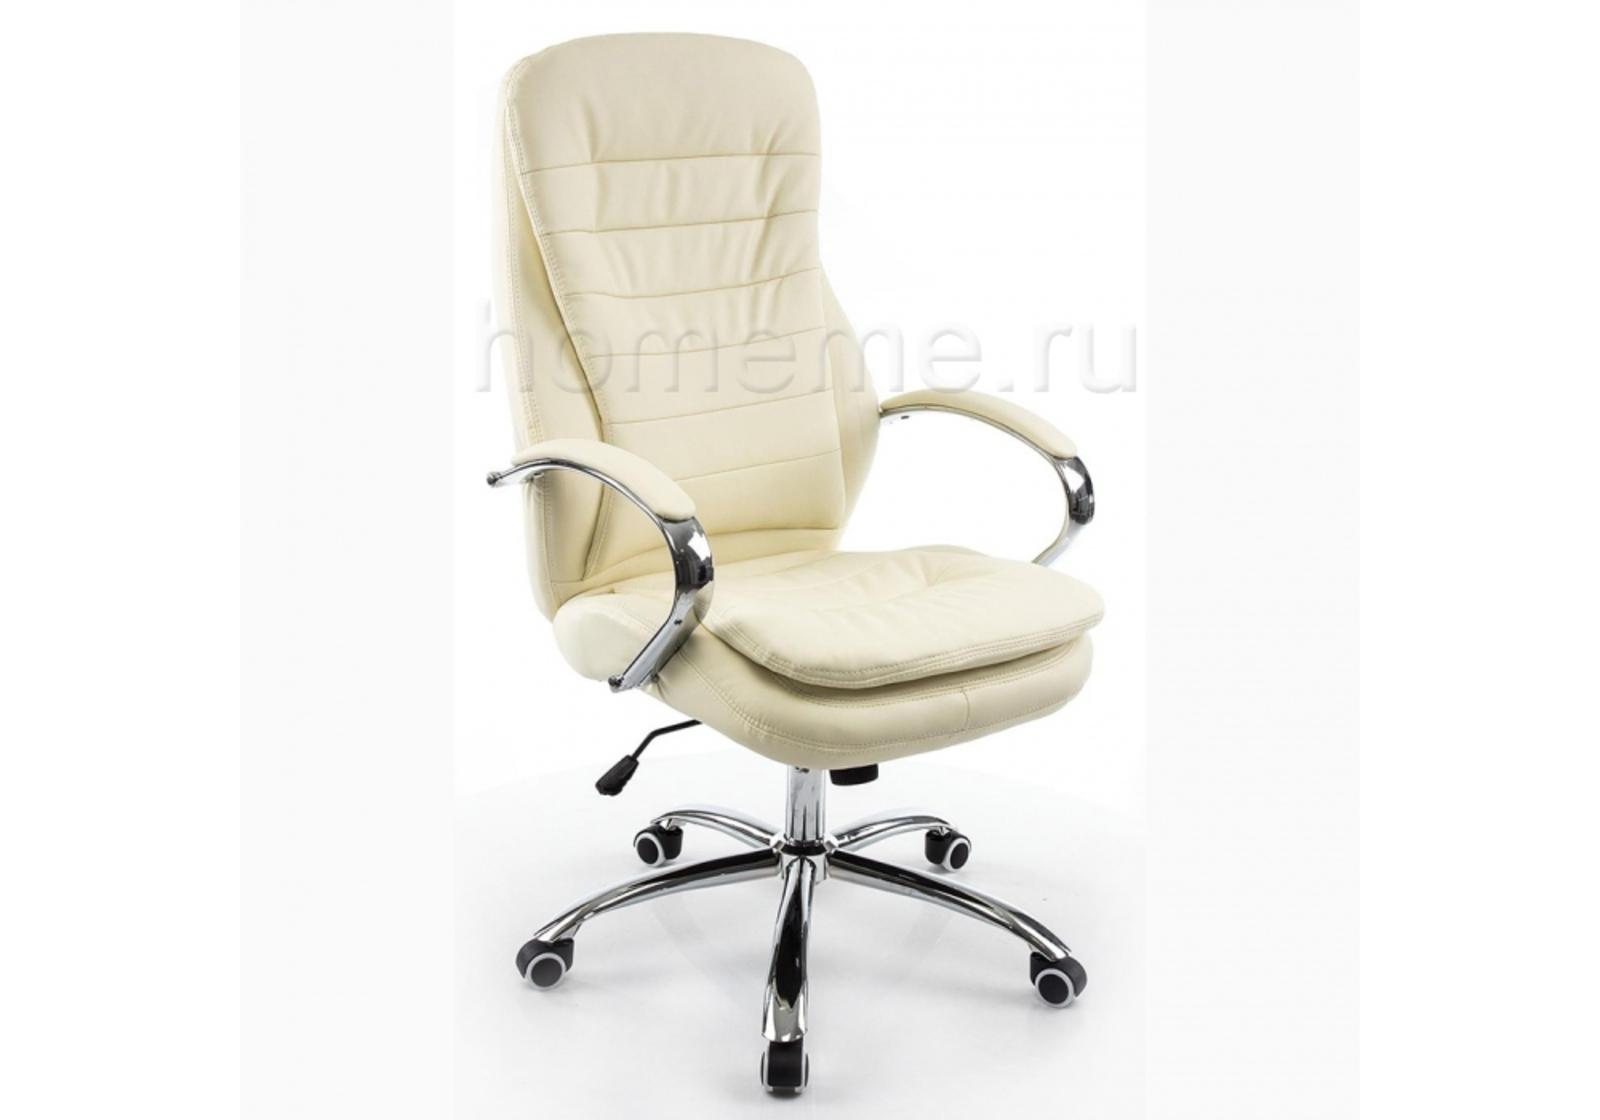 Кресло для офиса HomeMe Tomar кремовое 1742 от Homeme.ru